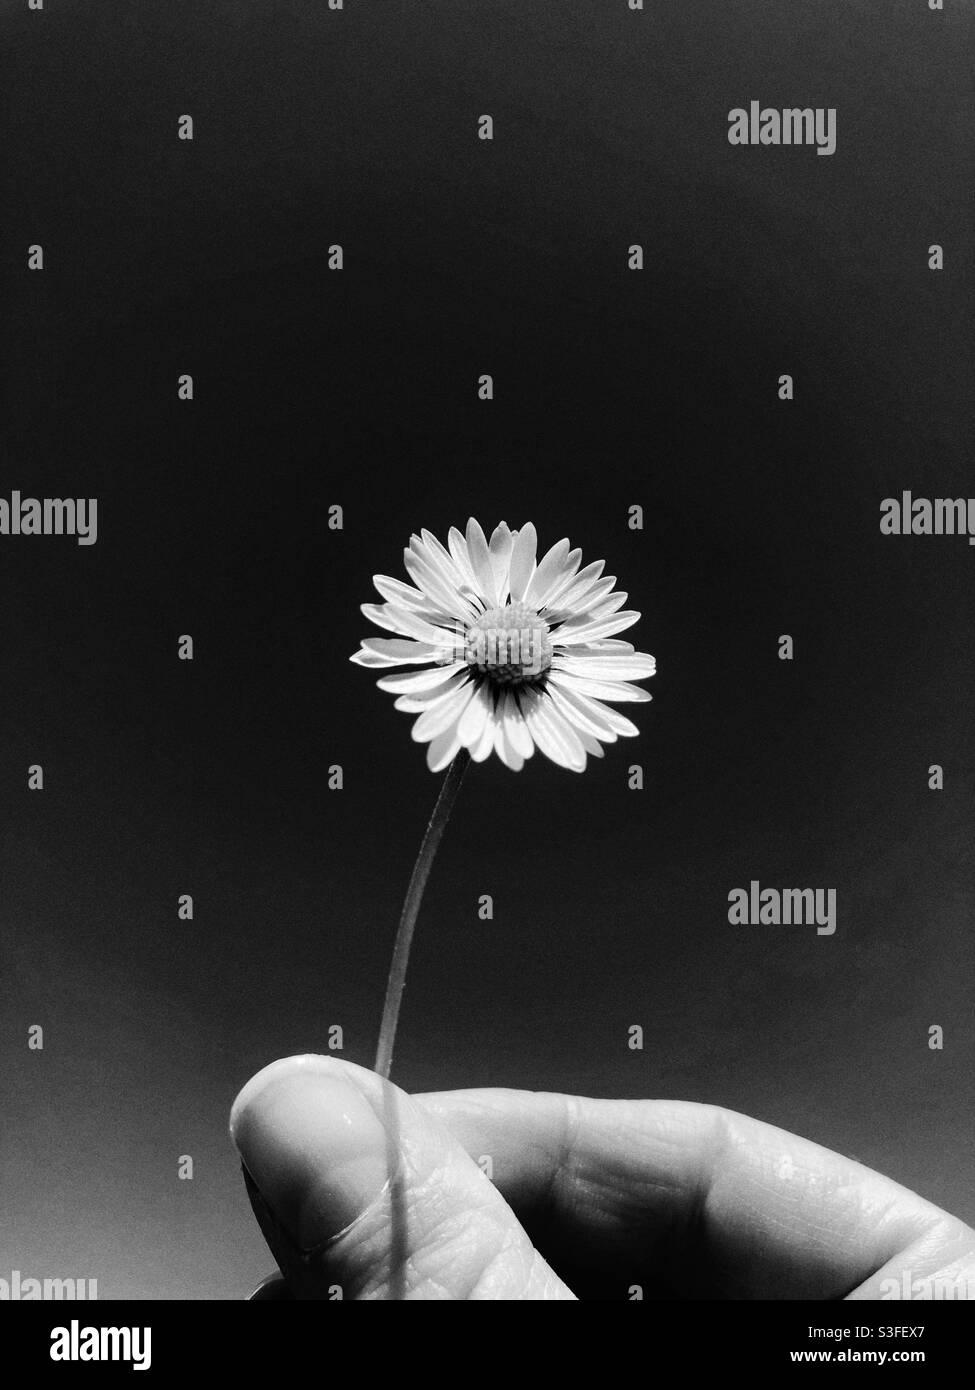 Daisy in bianco e nero in mano Foto Stock